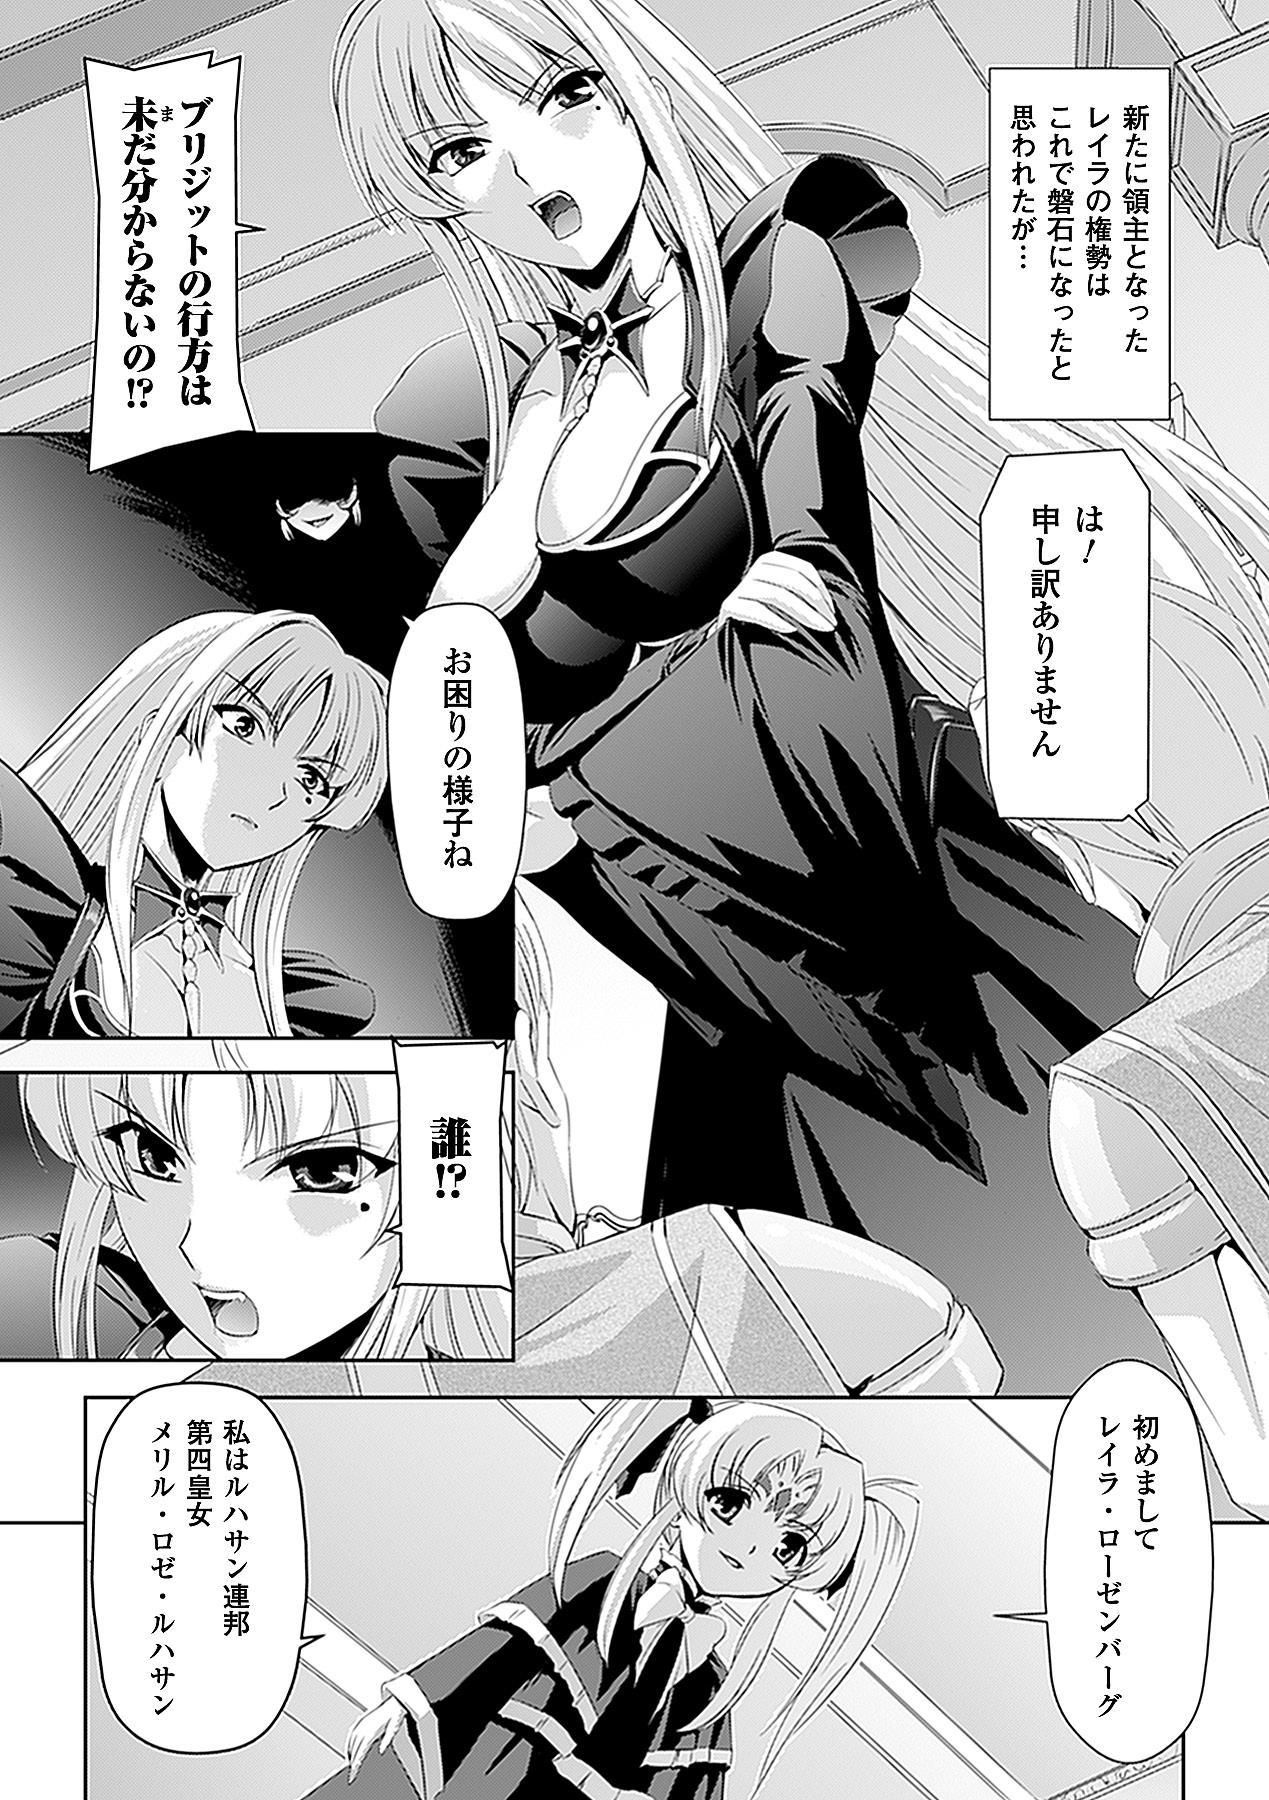 Shirayuri no Kenshi 10